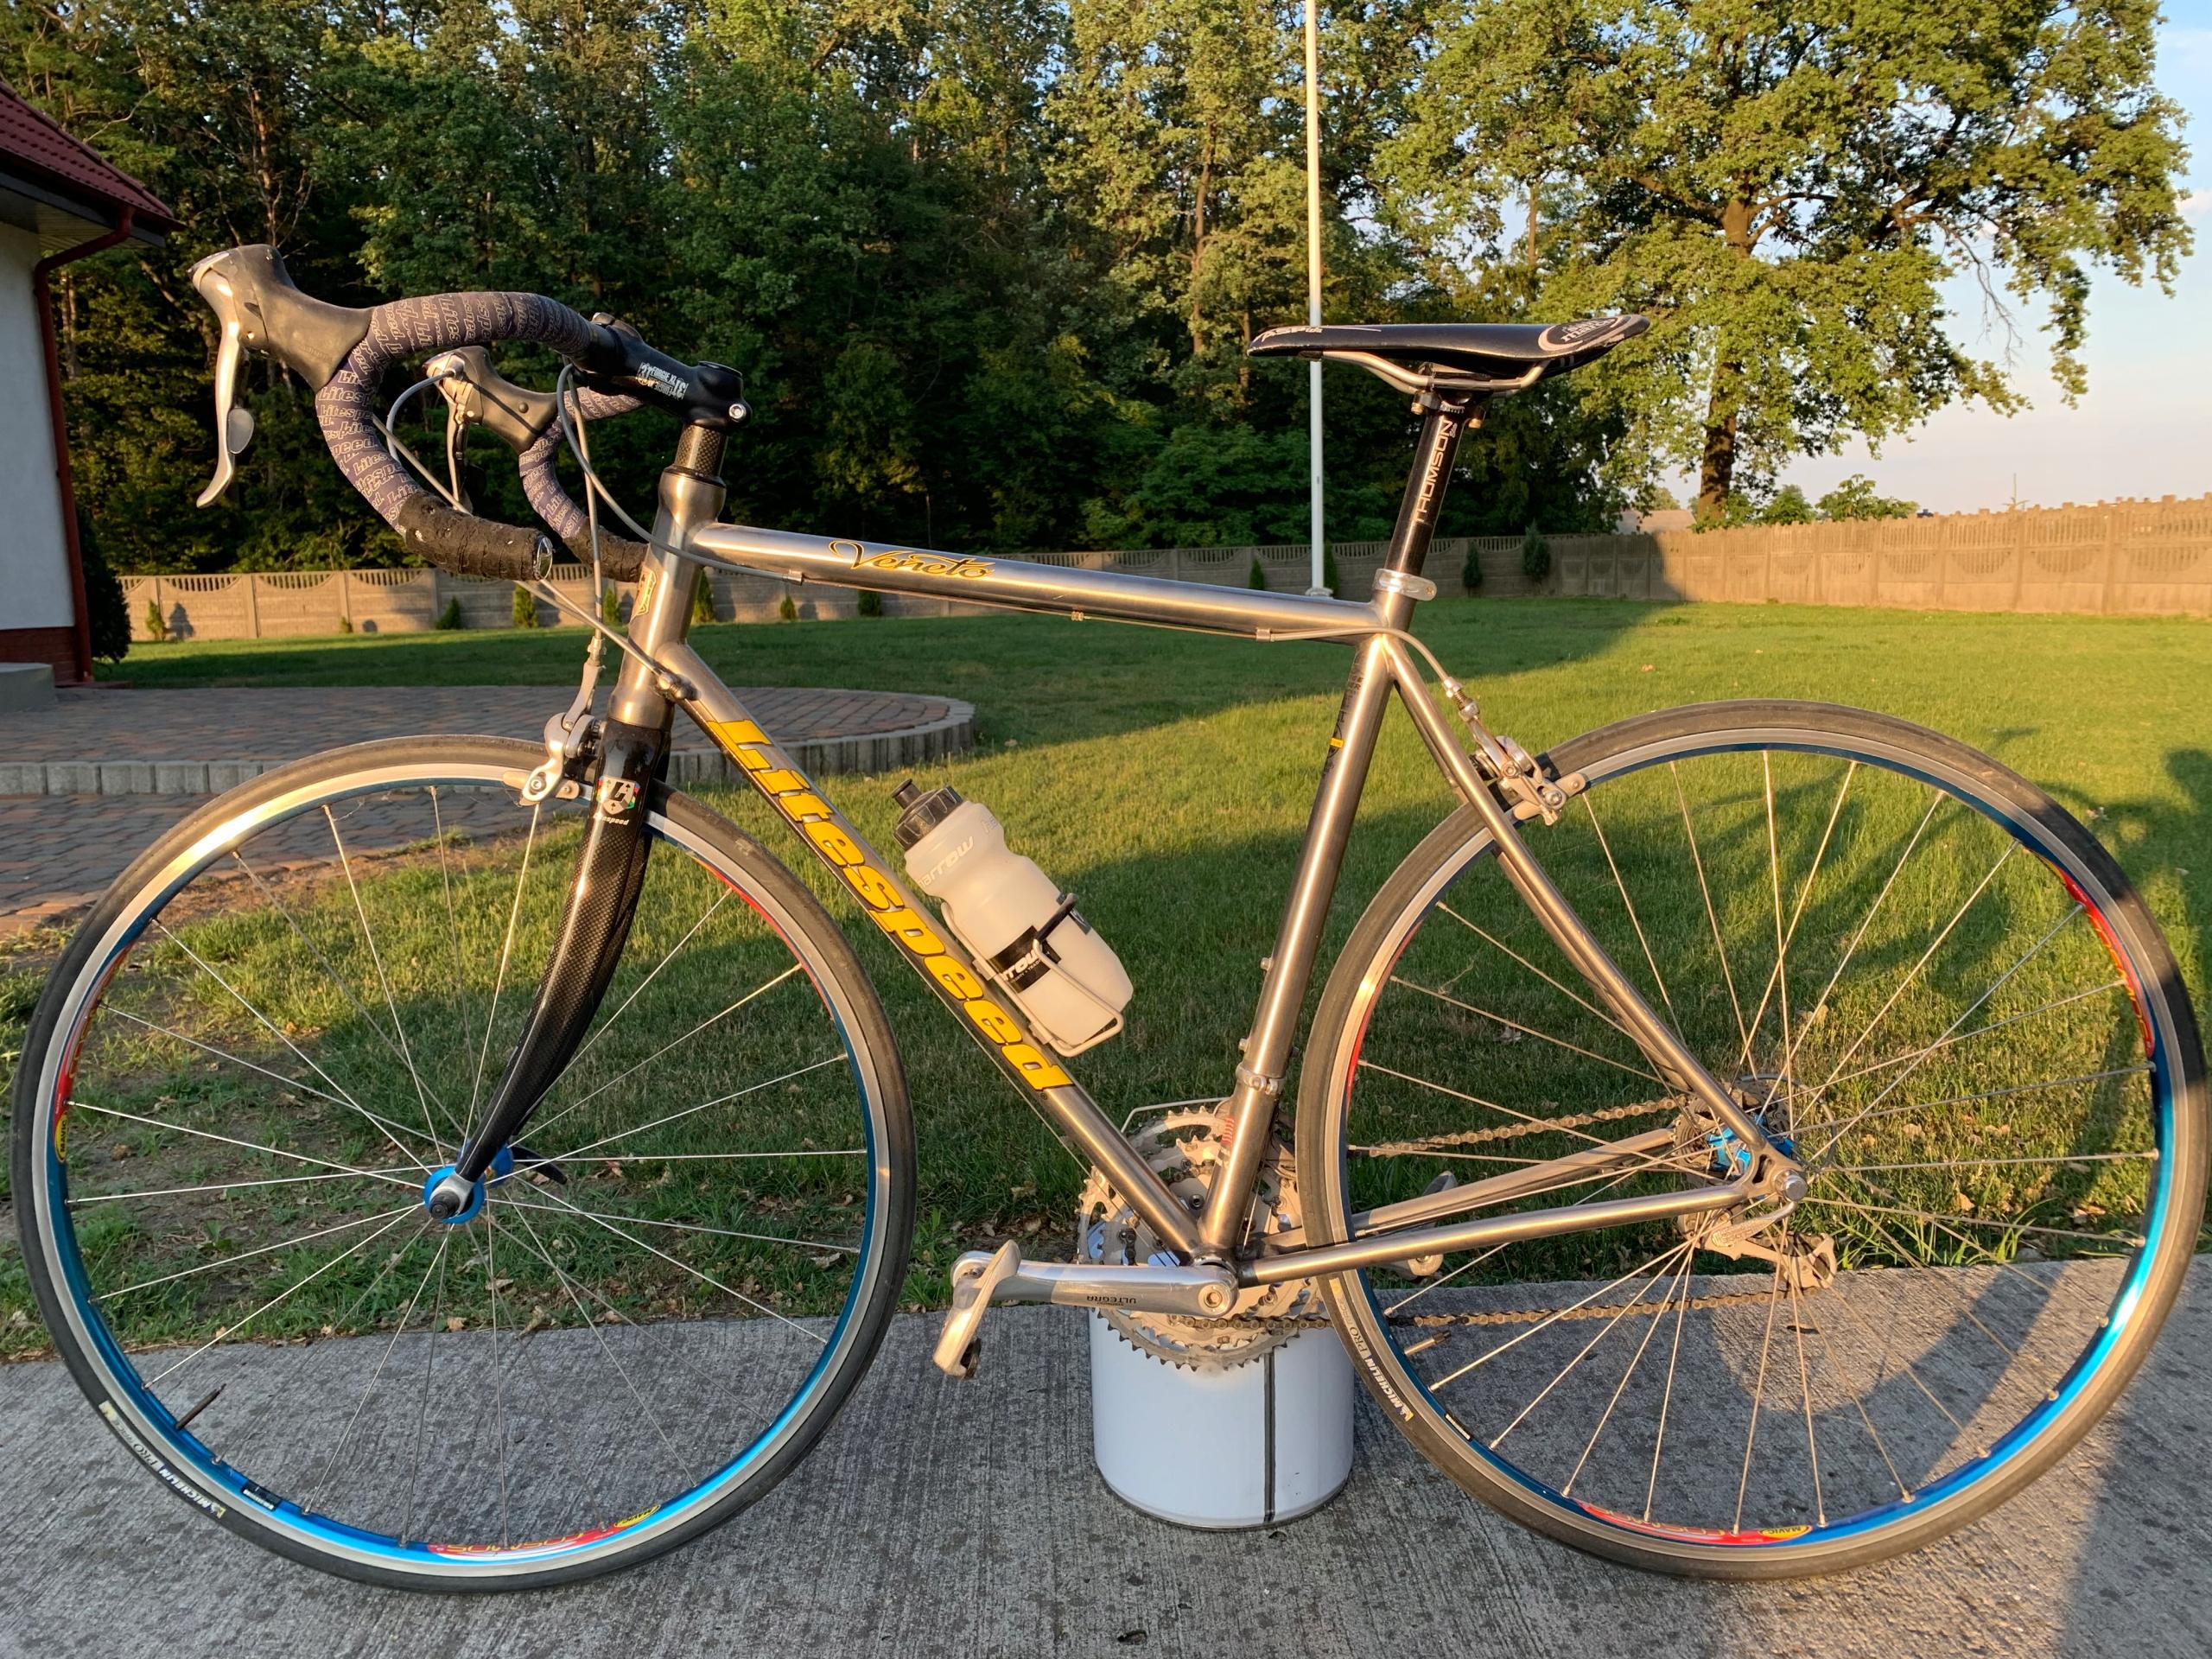 Rower kolarzówka litespeed tytan